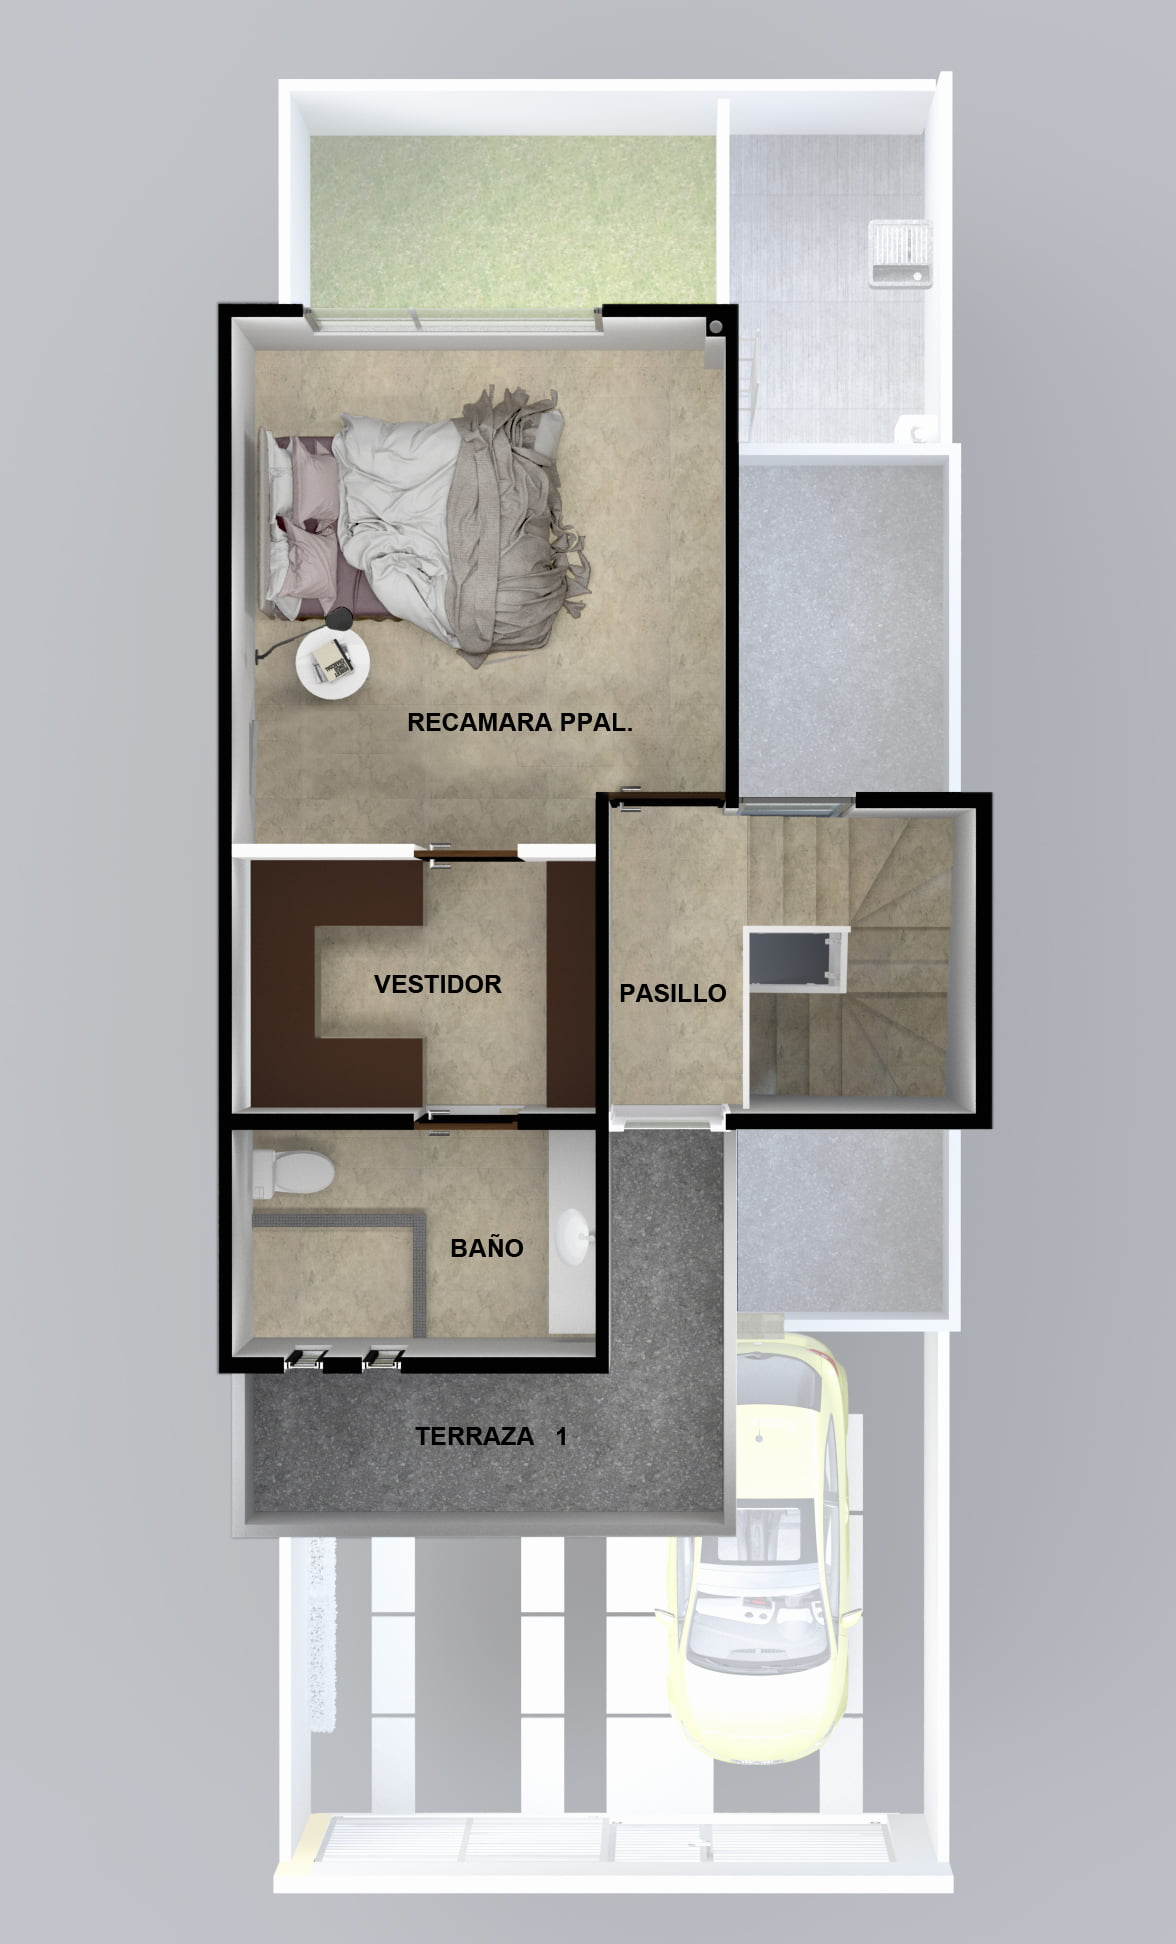 planos Casas Modelo Alcazar